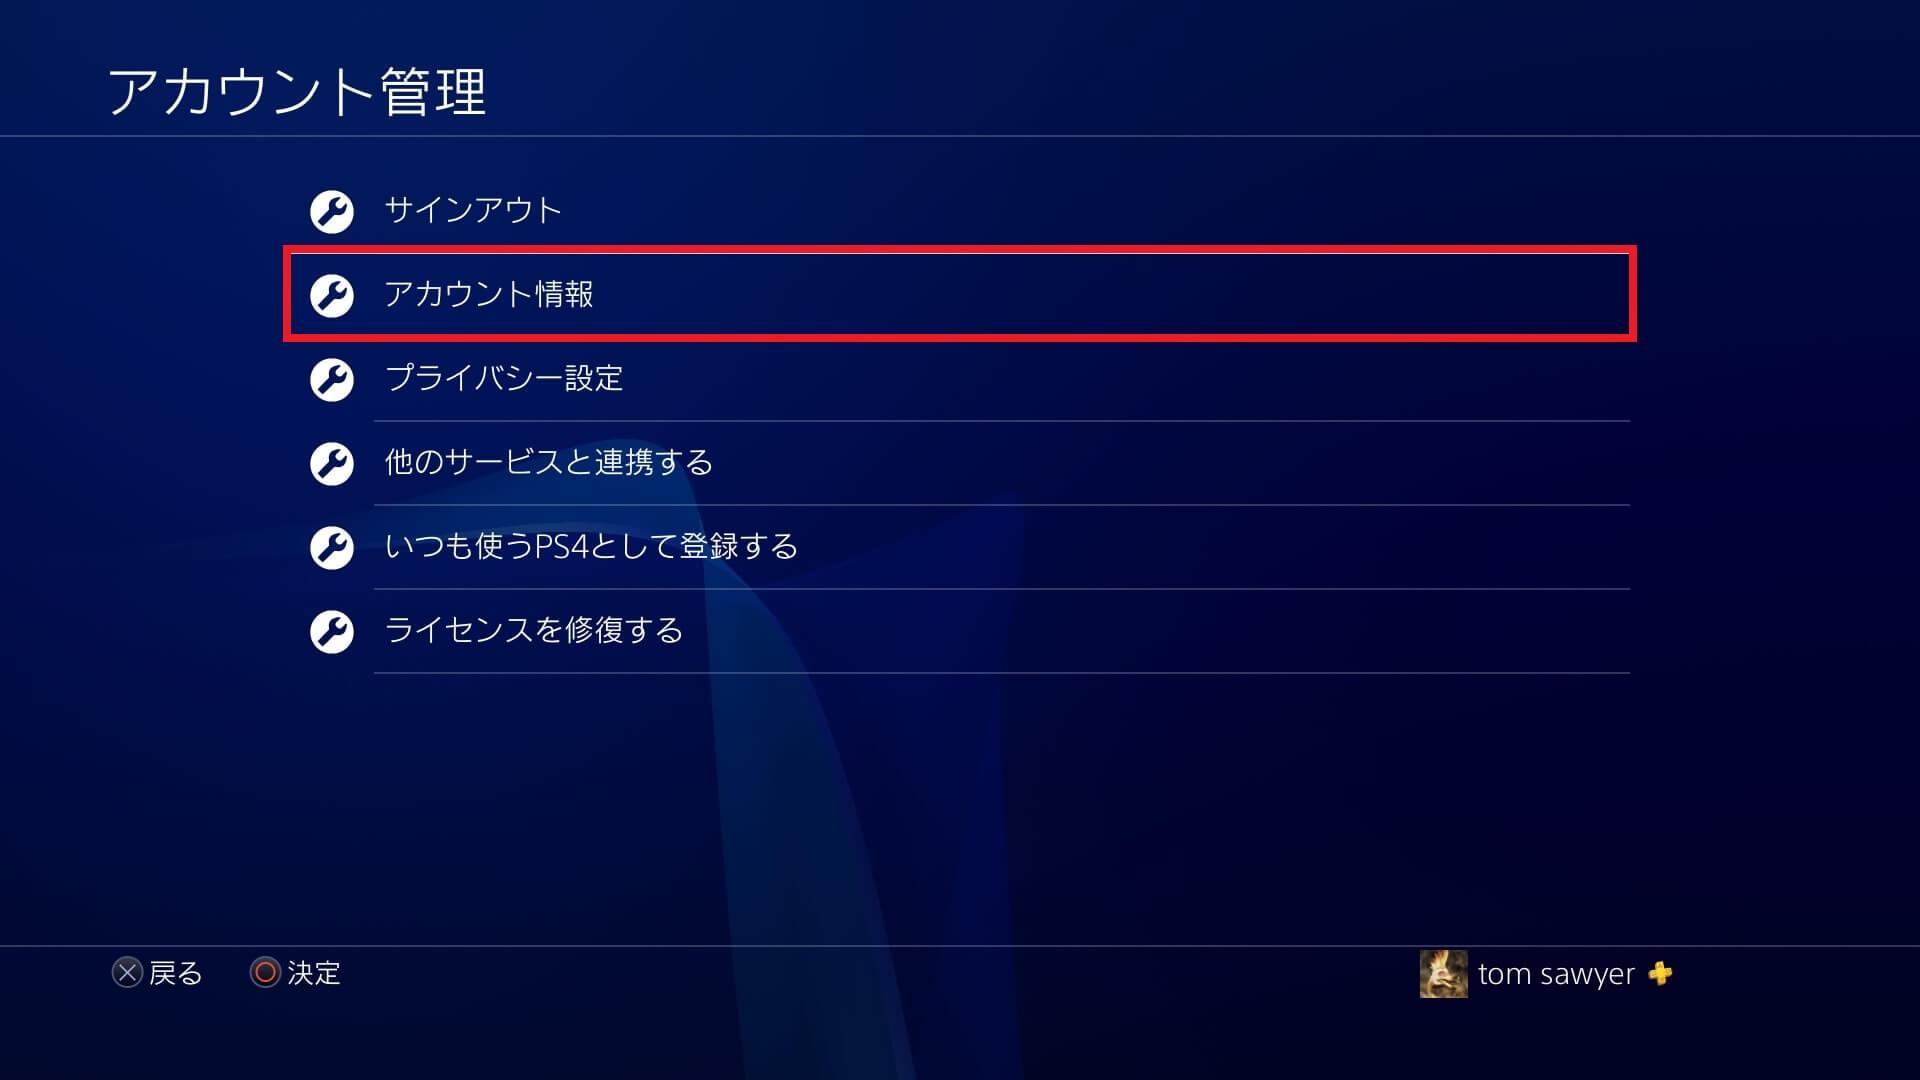 PS4のアカウント管理画面